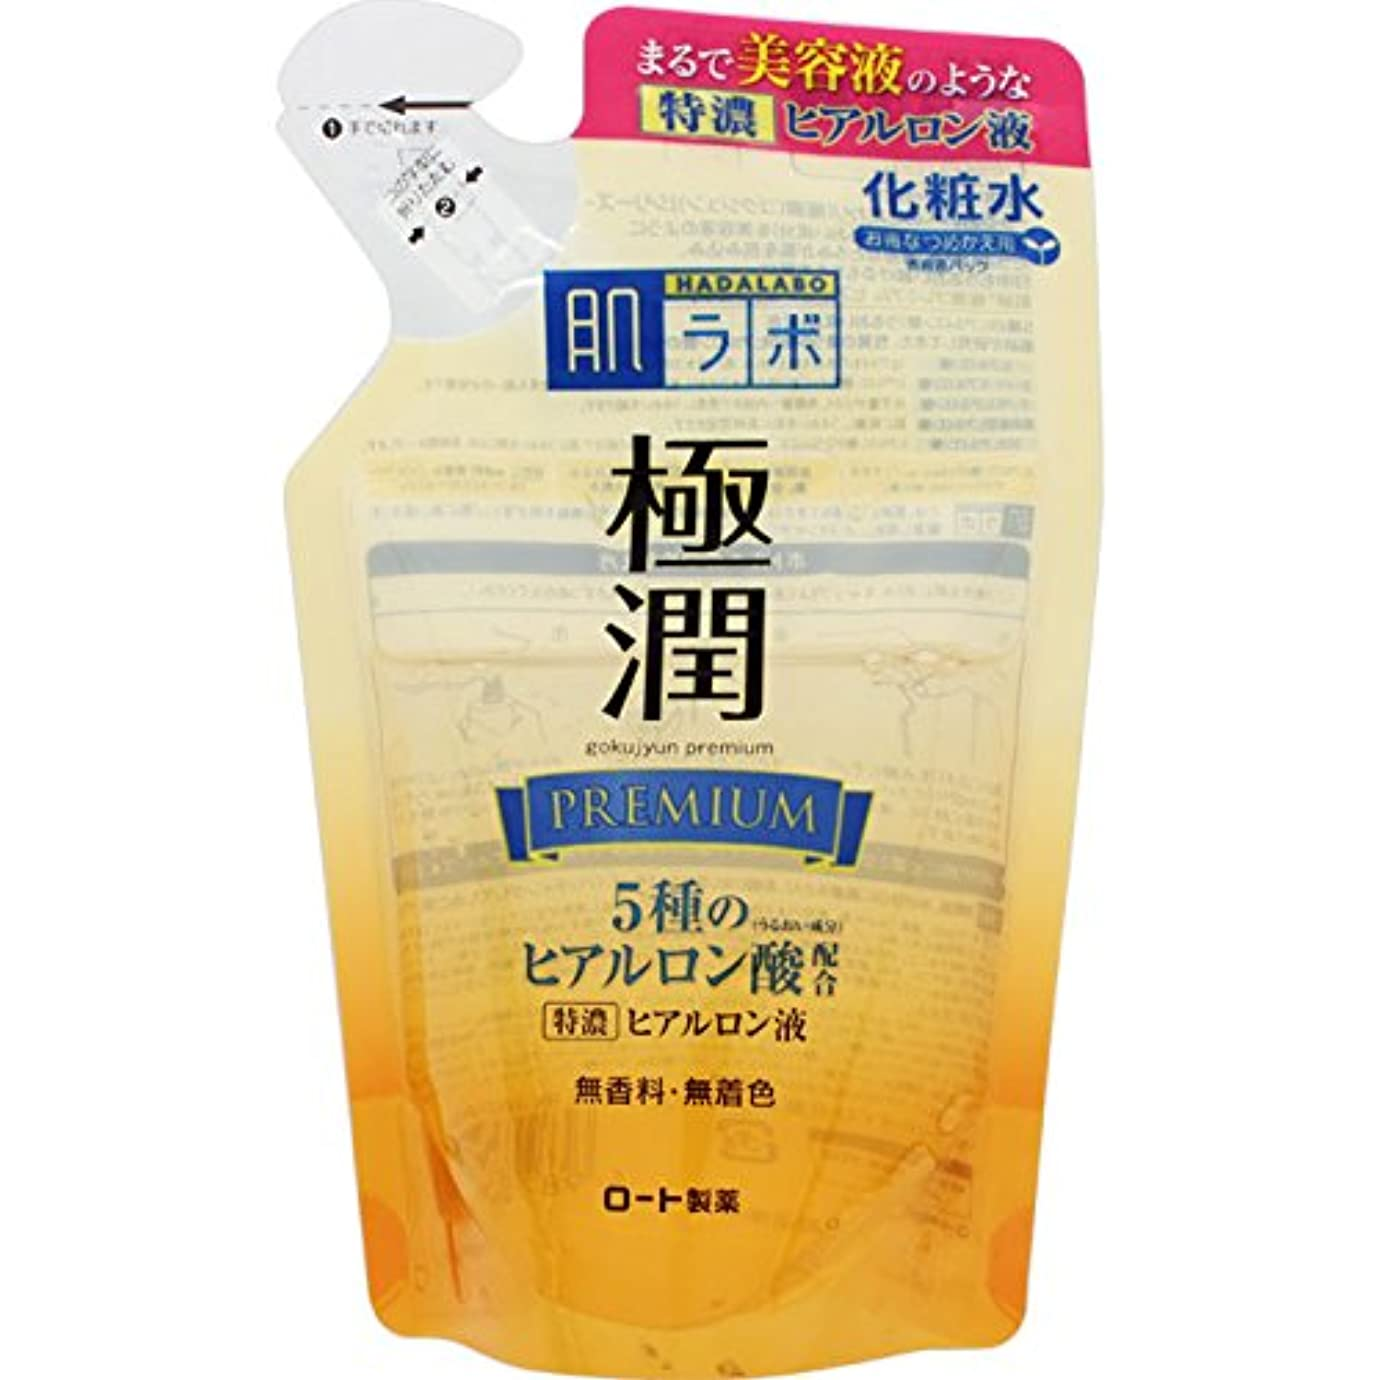 内側いま無秩序肌ラボ 極潤プレミアム 特濃ヒアルロン液 ヒアルロン酸5種類×サクラン配合 詰替用 170mL